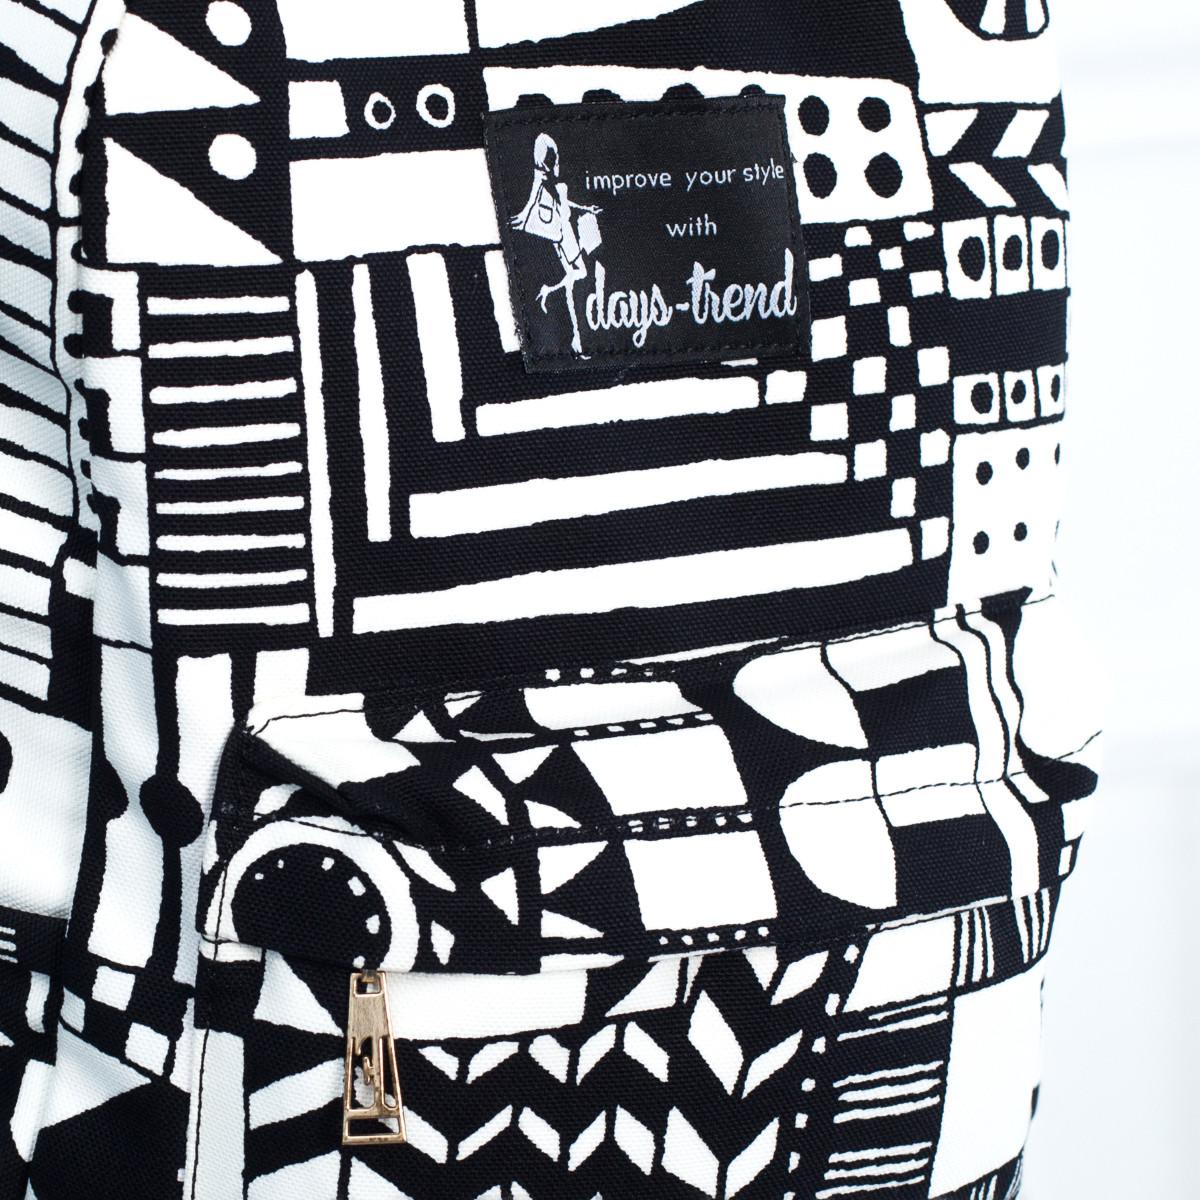 Рюкзак Mayers молодежный с абстрактным принтом и логотипом, 7.5 л, фото 3